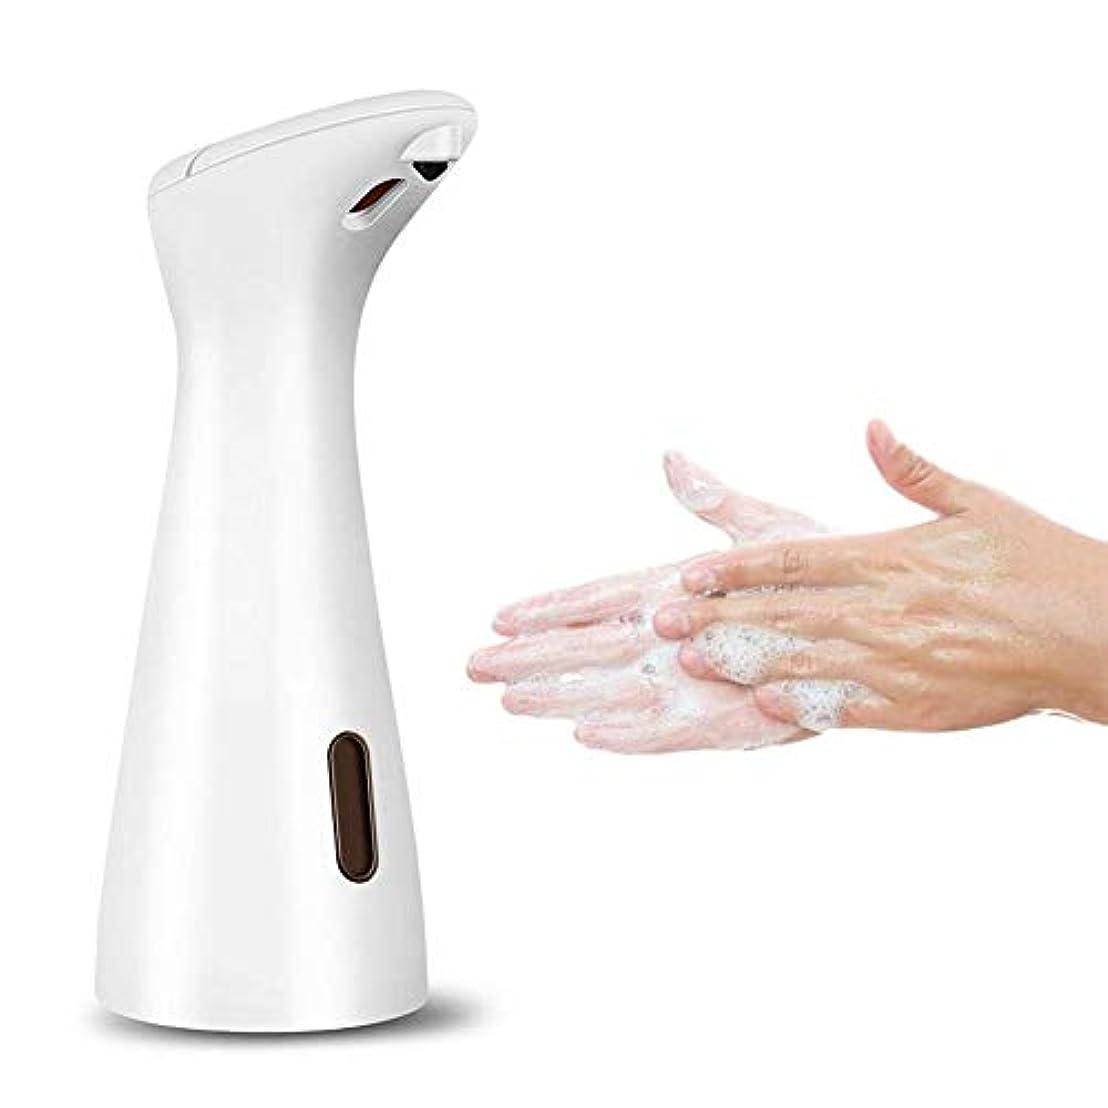 混沌段落眼200ミリリットルスマート自動泡ソープディスペンサー誘導発泡手洗い機ポータブル液体ソープディスペンサー浴室キッチンツール